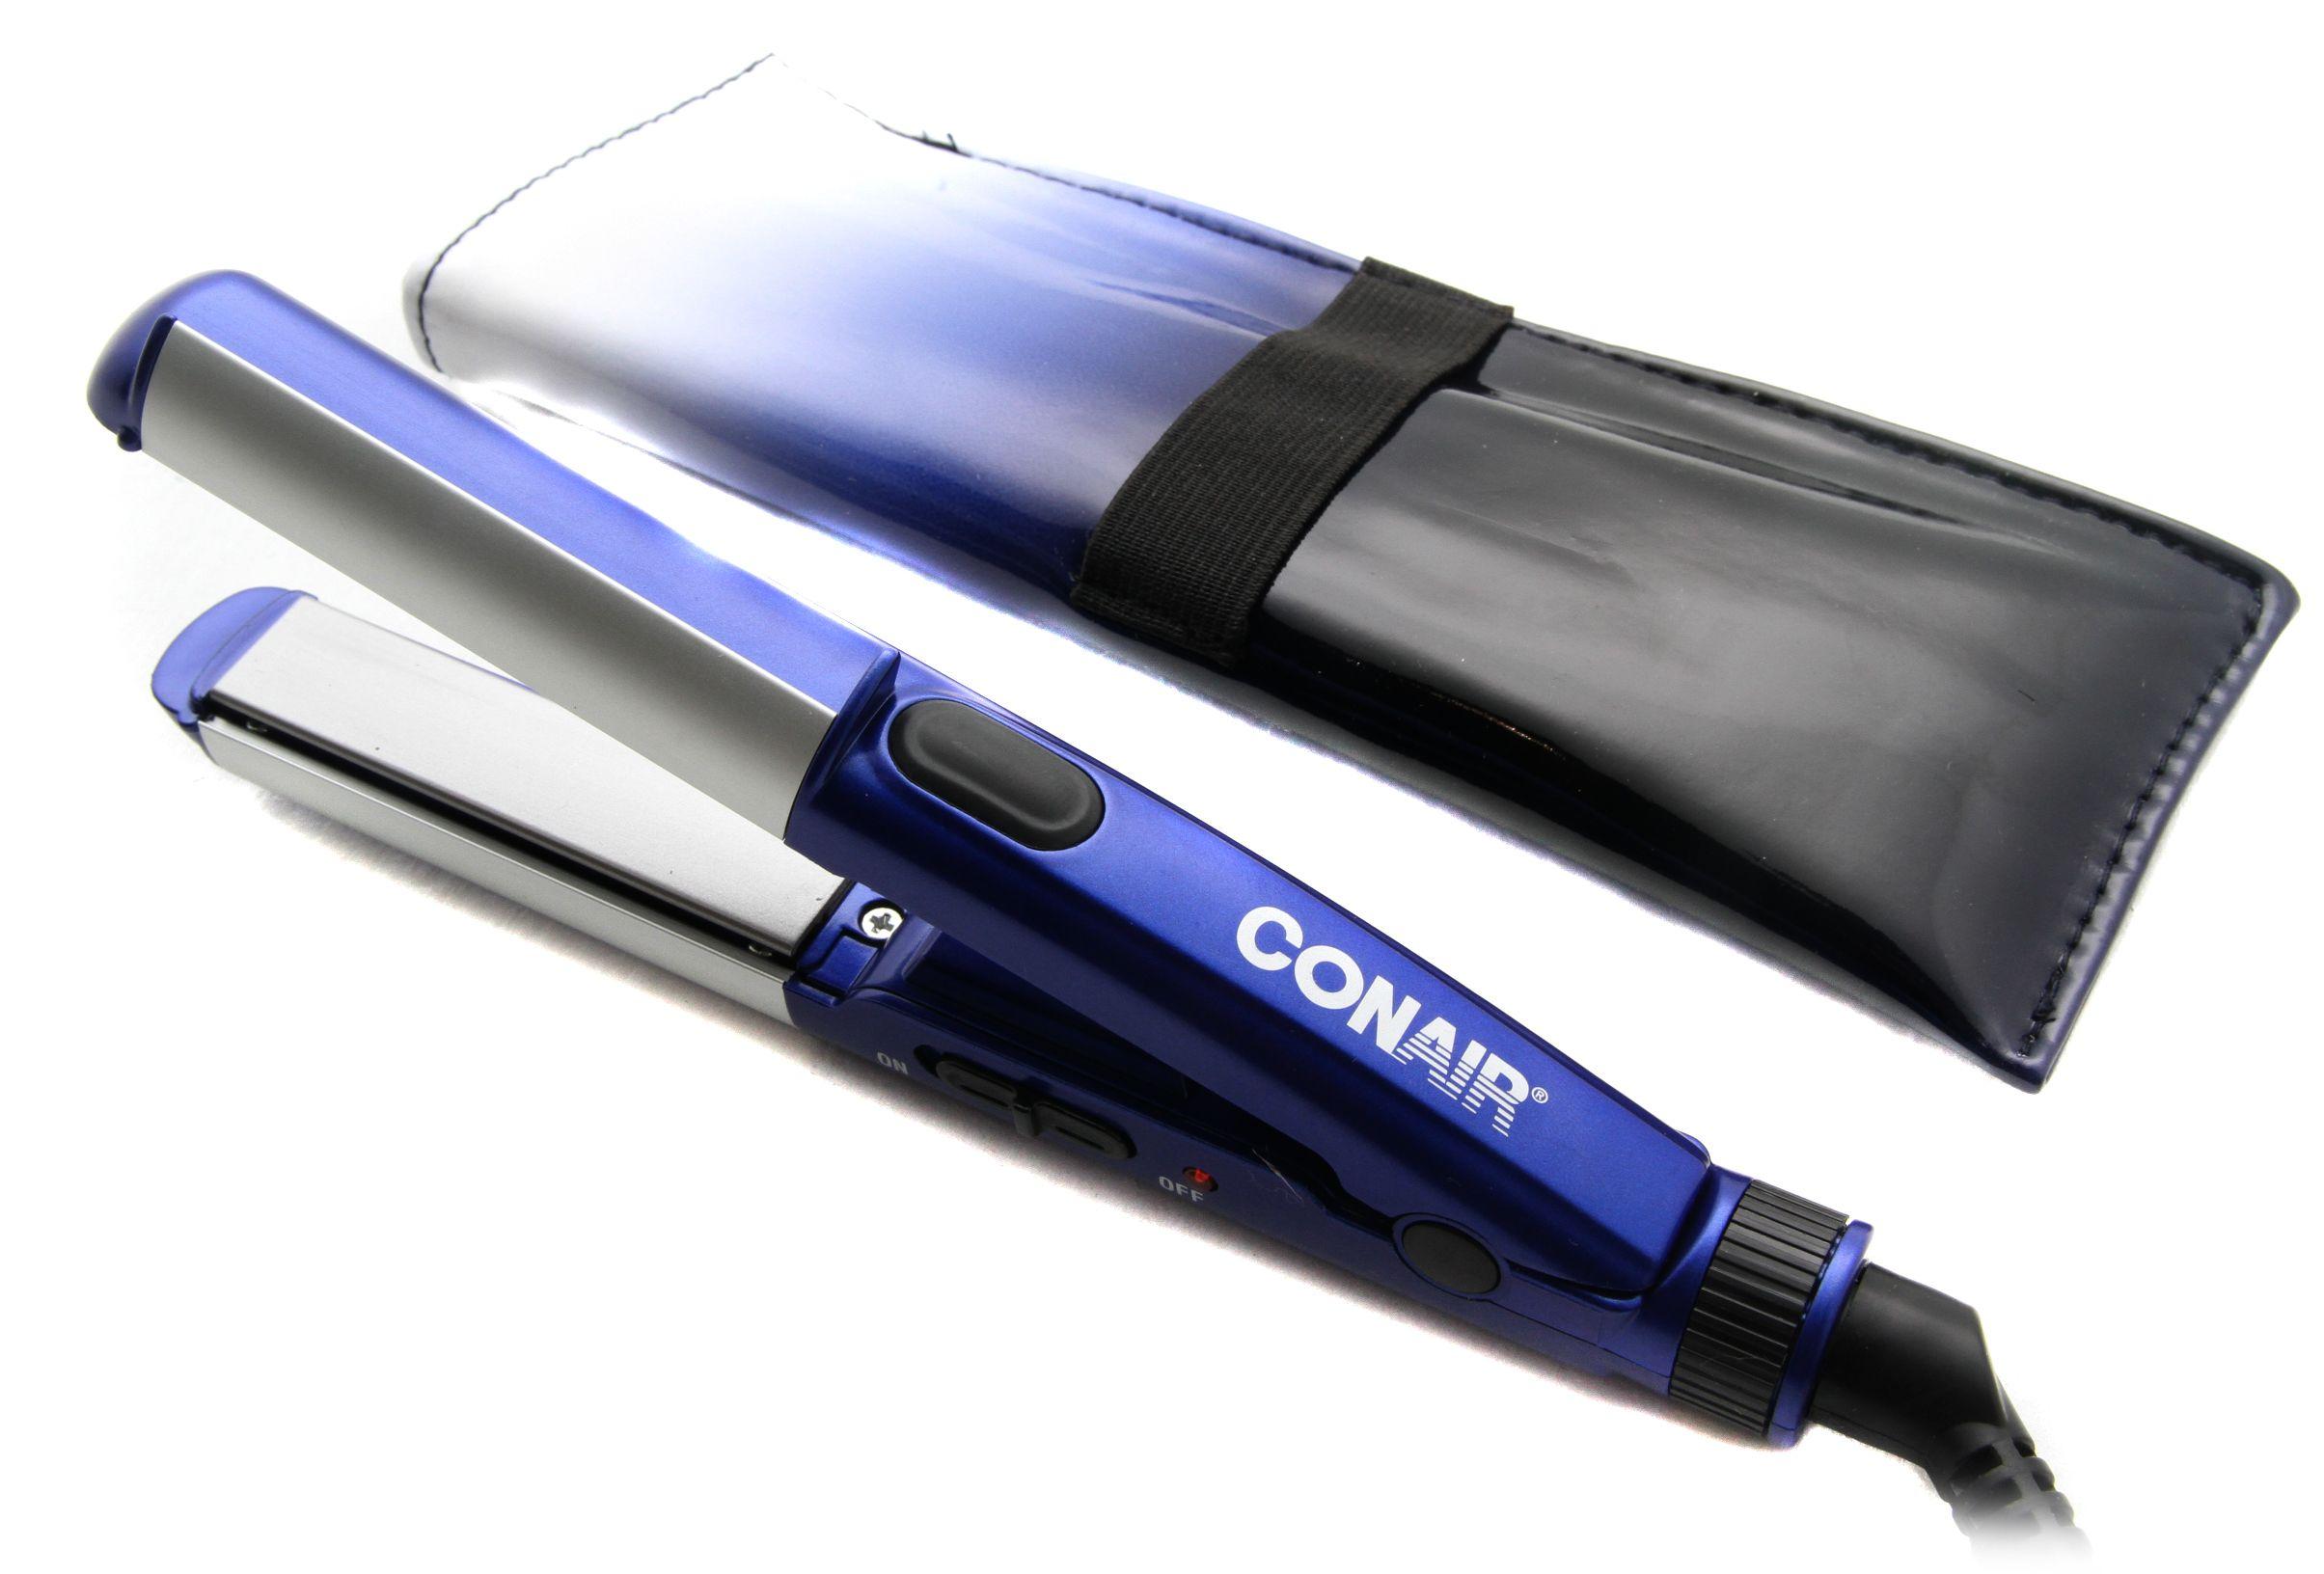 Conair Cs69 Mini Ceramic Hair Styler Flat Iron Curling